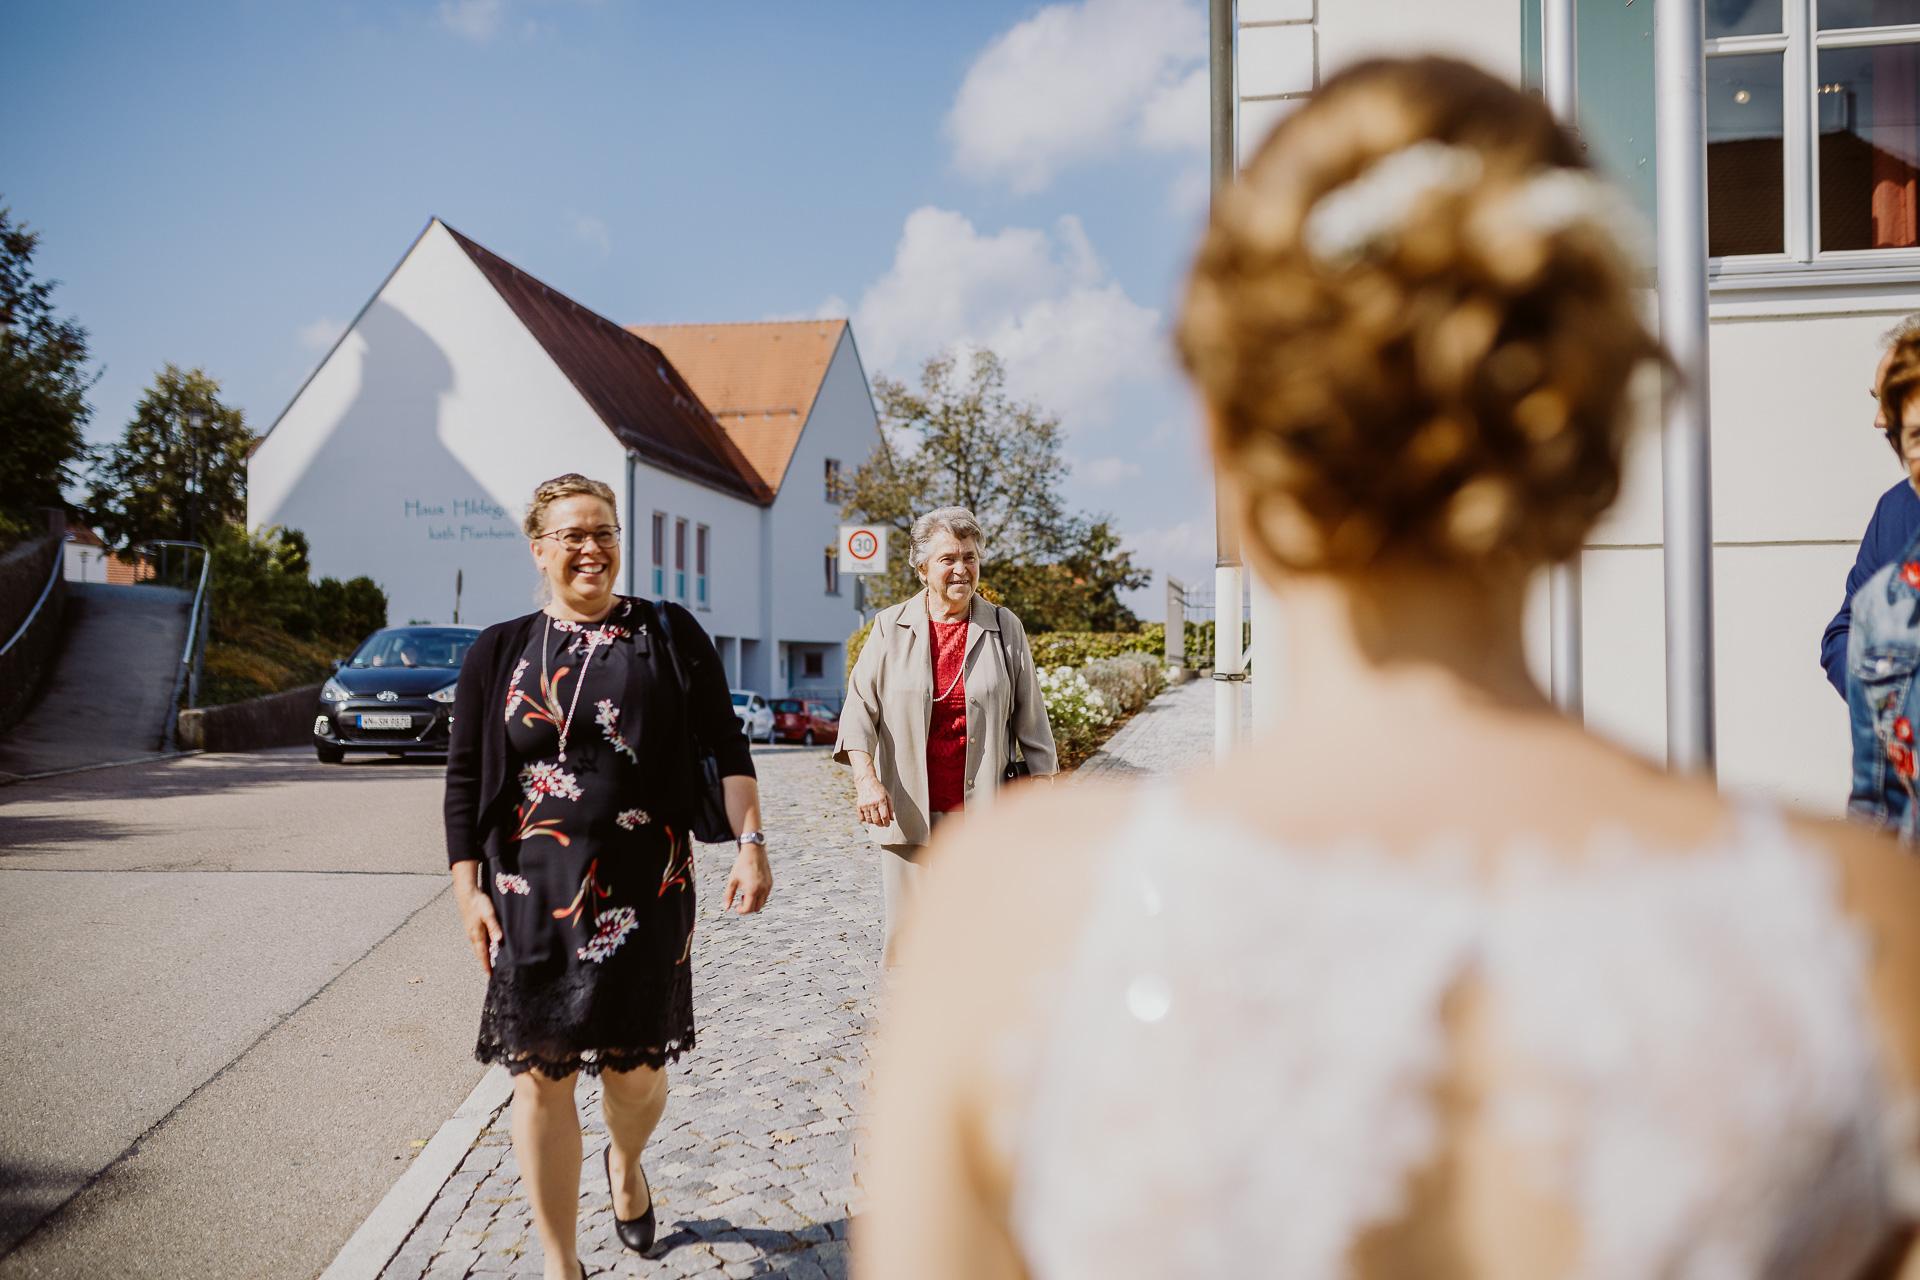 Alexander Utz, Fotografie, Hochzeit, Augsburg, Brautkleid, Brautstrauss-31